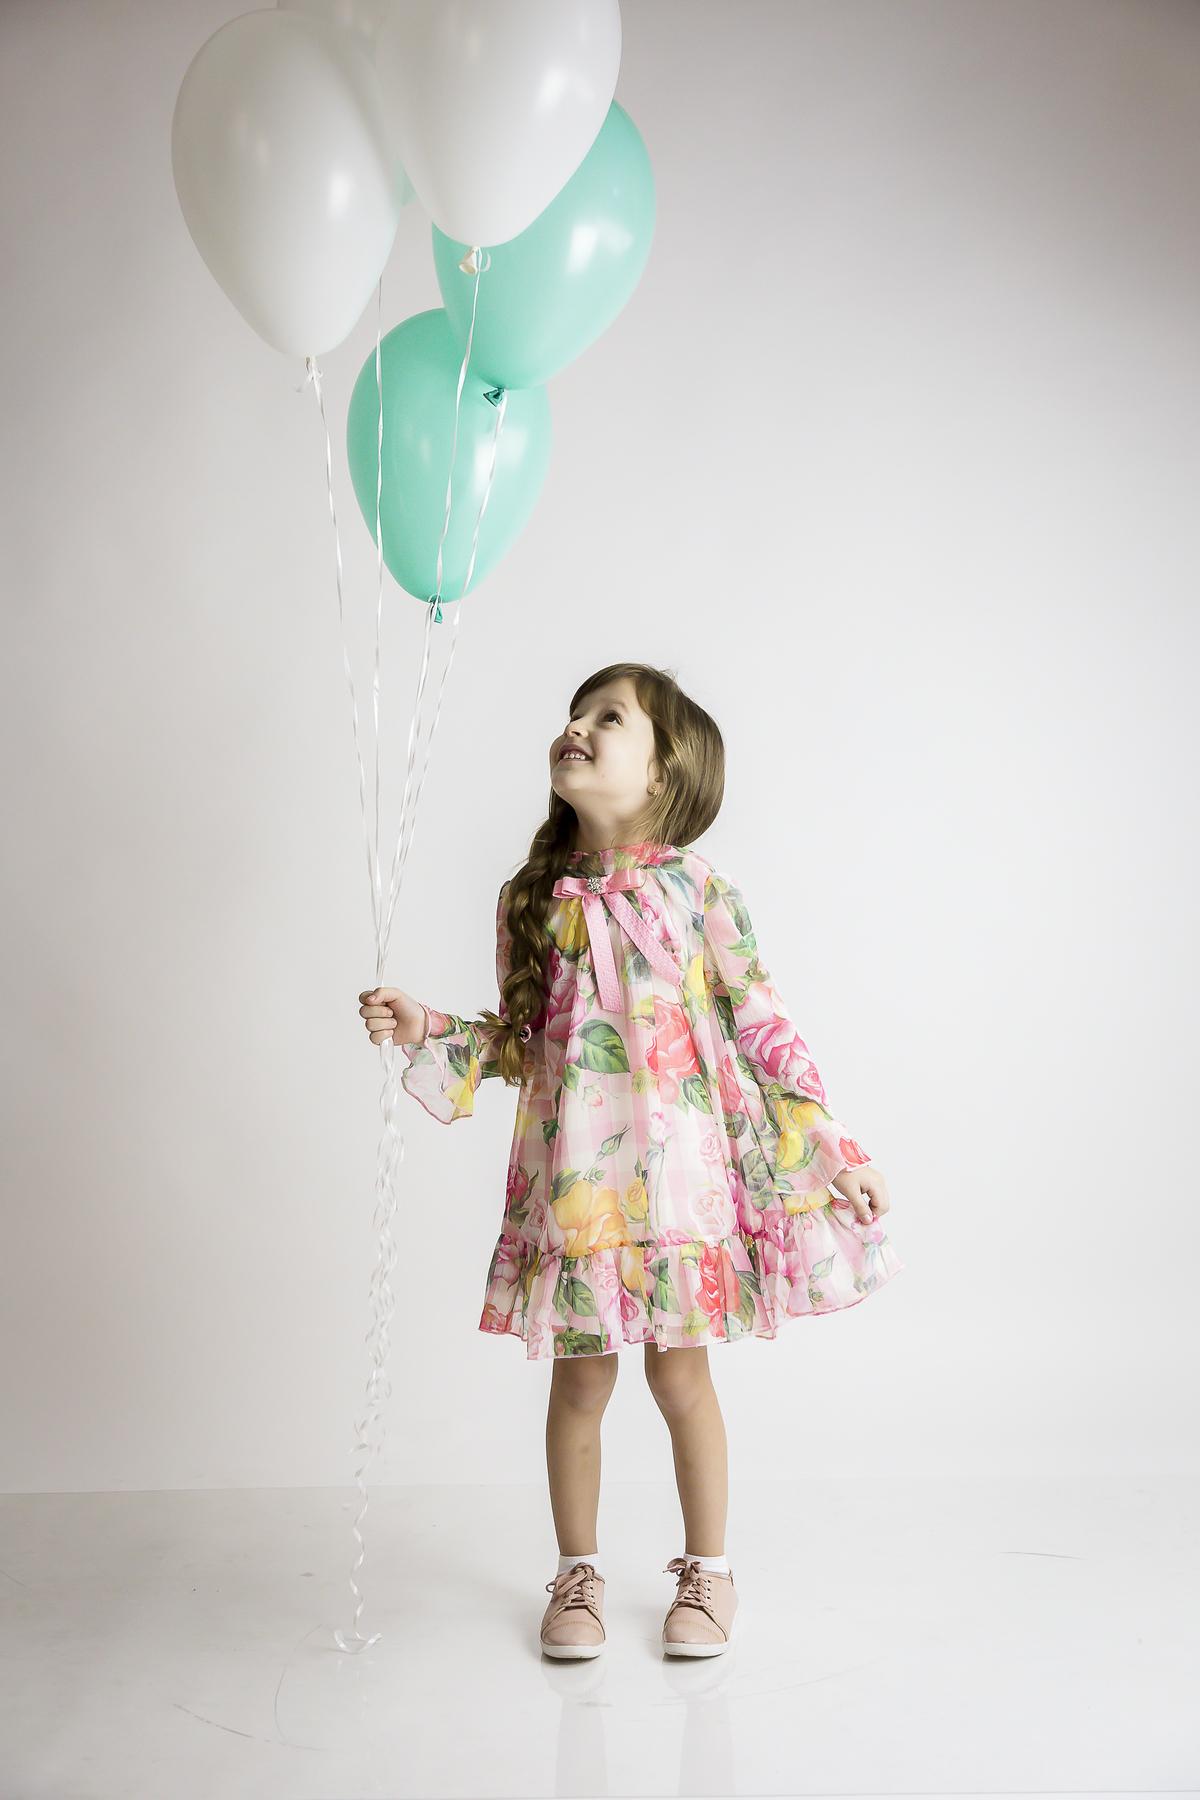 Foto com balão, editorial menina, estúdio Gabi Aine